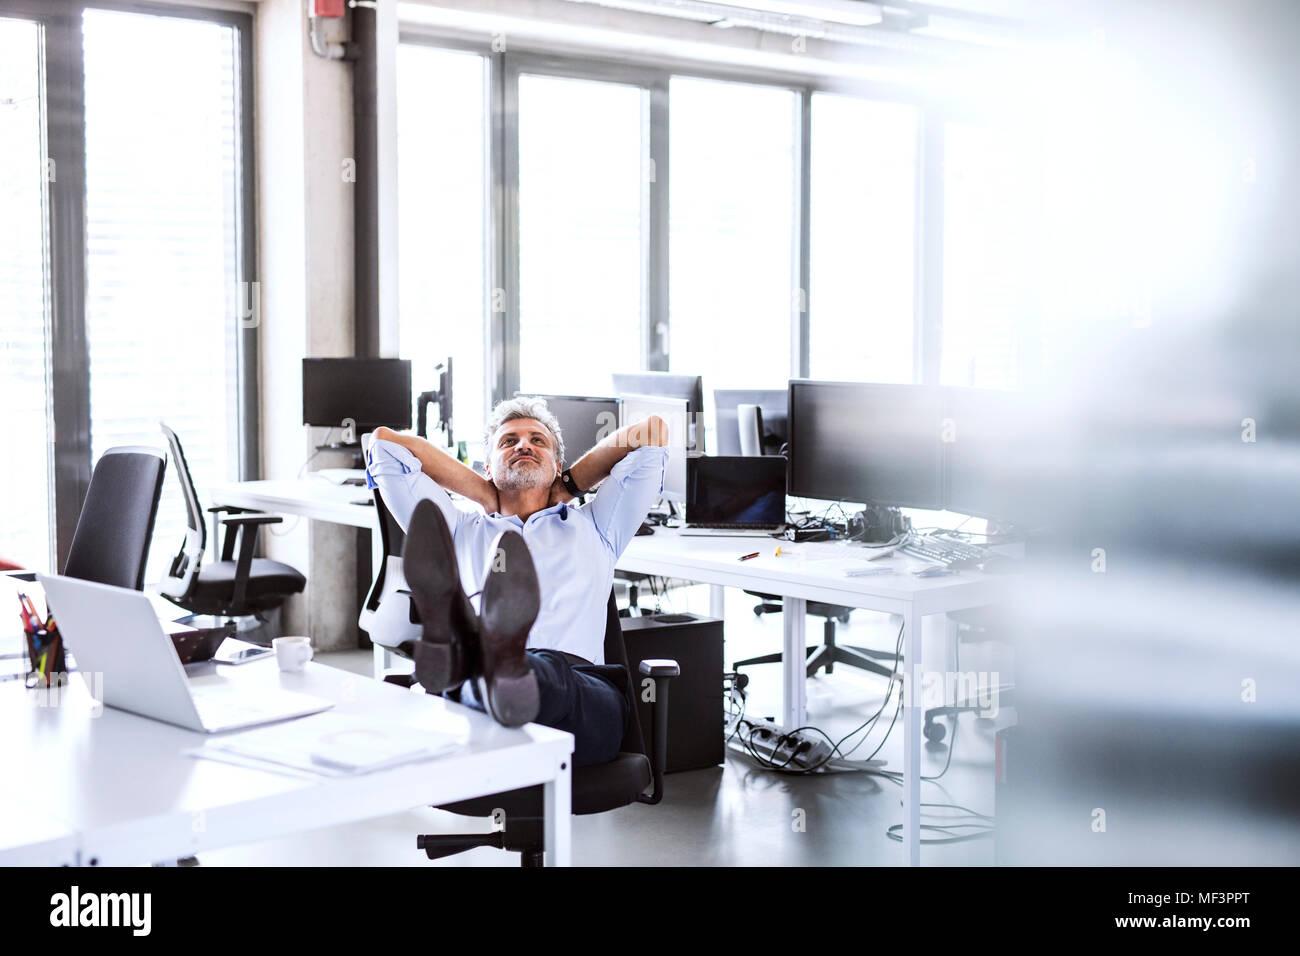 Rilassata imprenditore maturo seduto alla scrivania in ufficio indietro pendente Immagini Stock